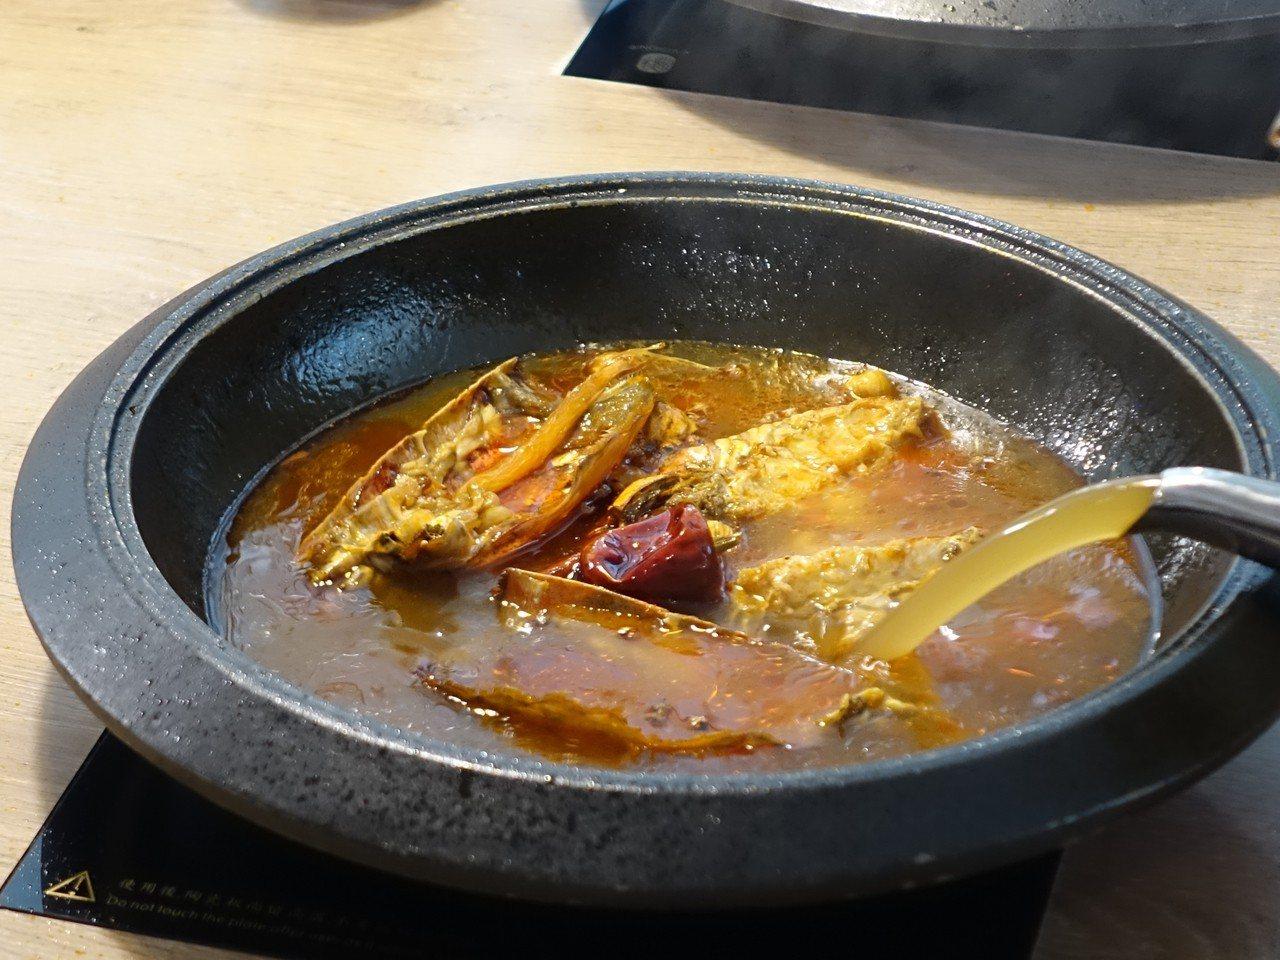 爆炒龍蝦頭後倒入「可以喝」的麻辣龍蝦高湯。記者張芳瑜/攝影